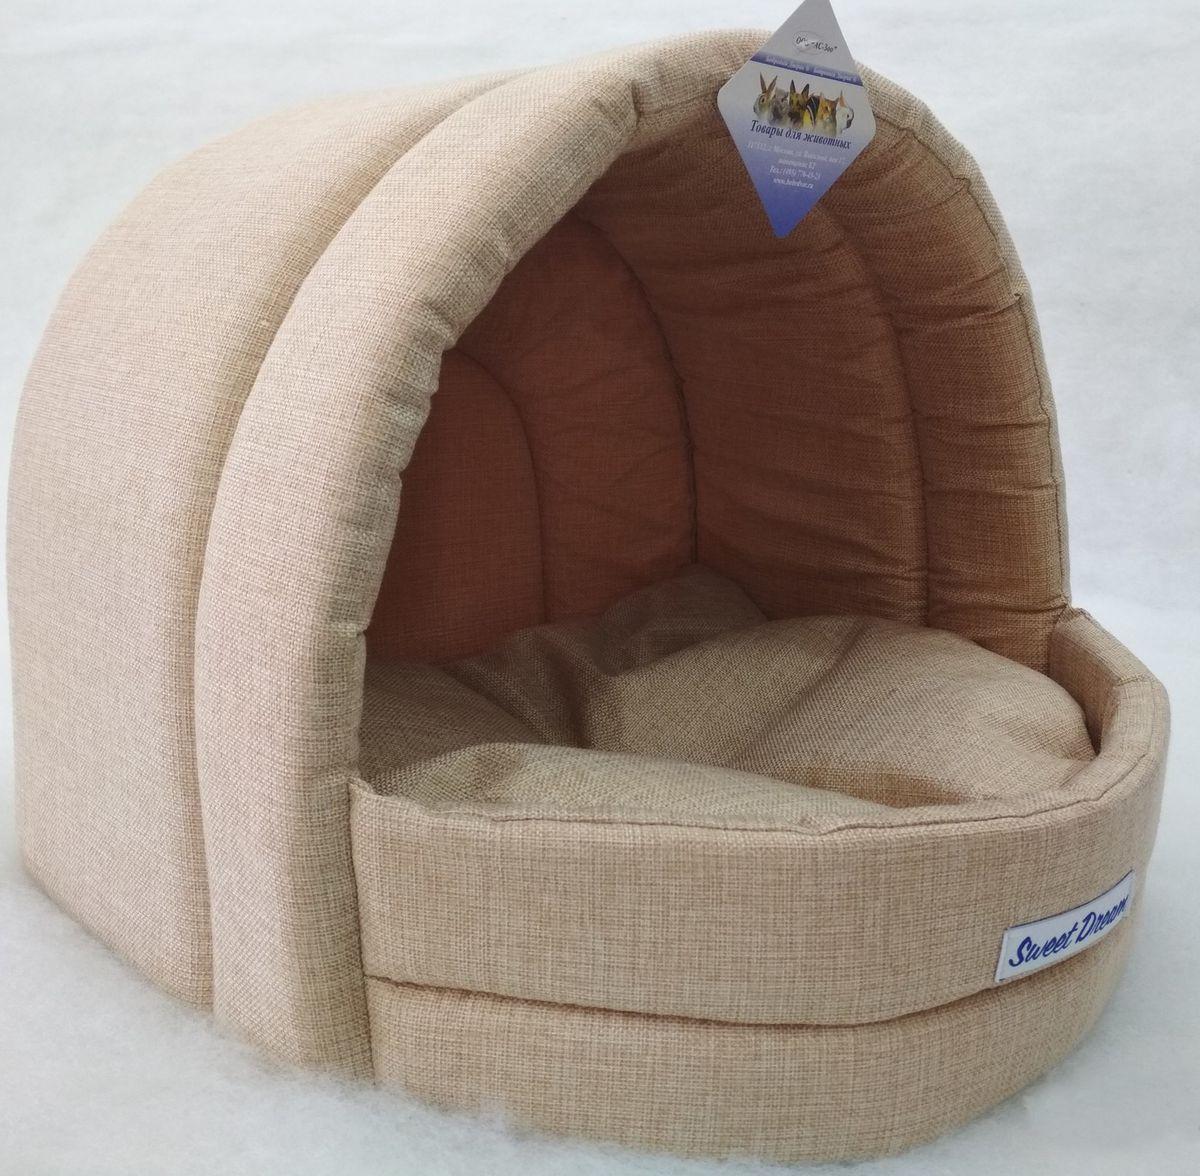 Домик для кошек и собак Бобровый Дворик